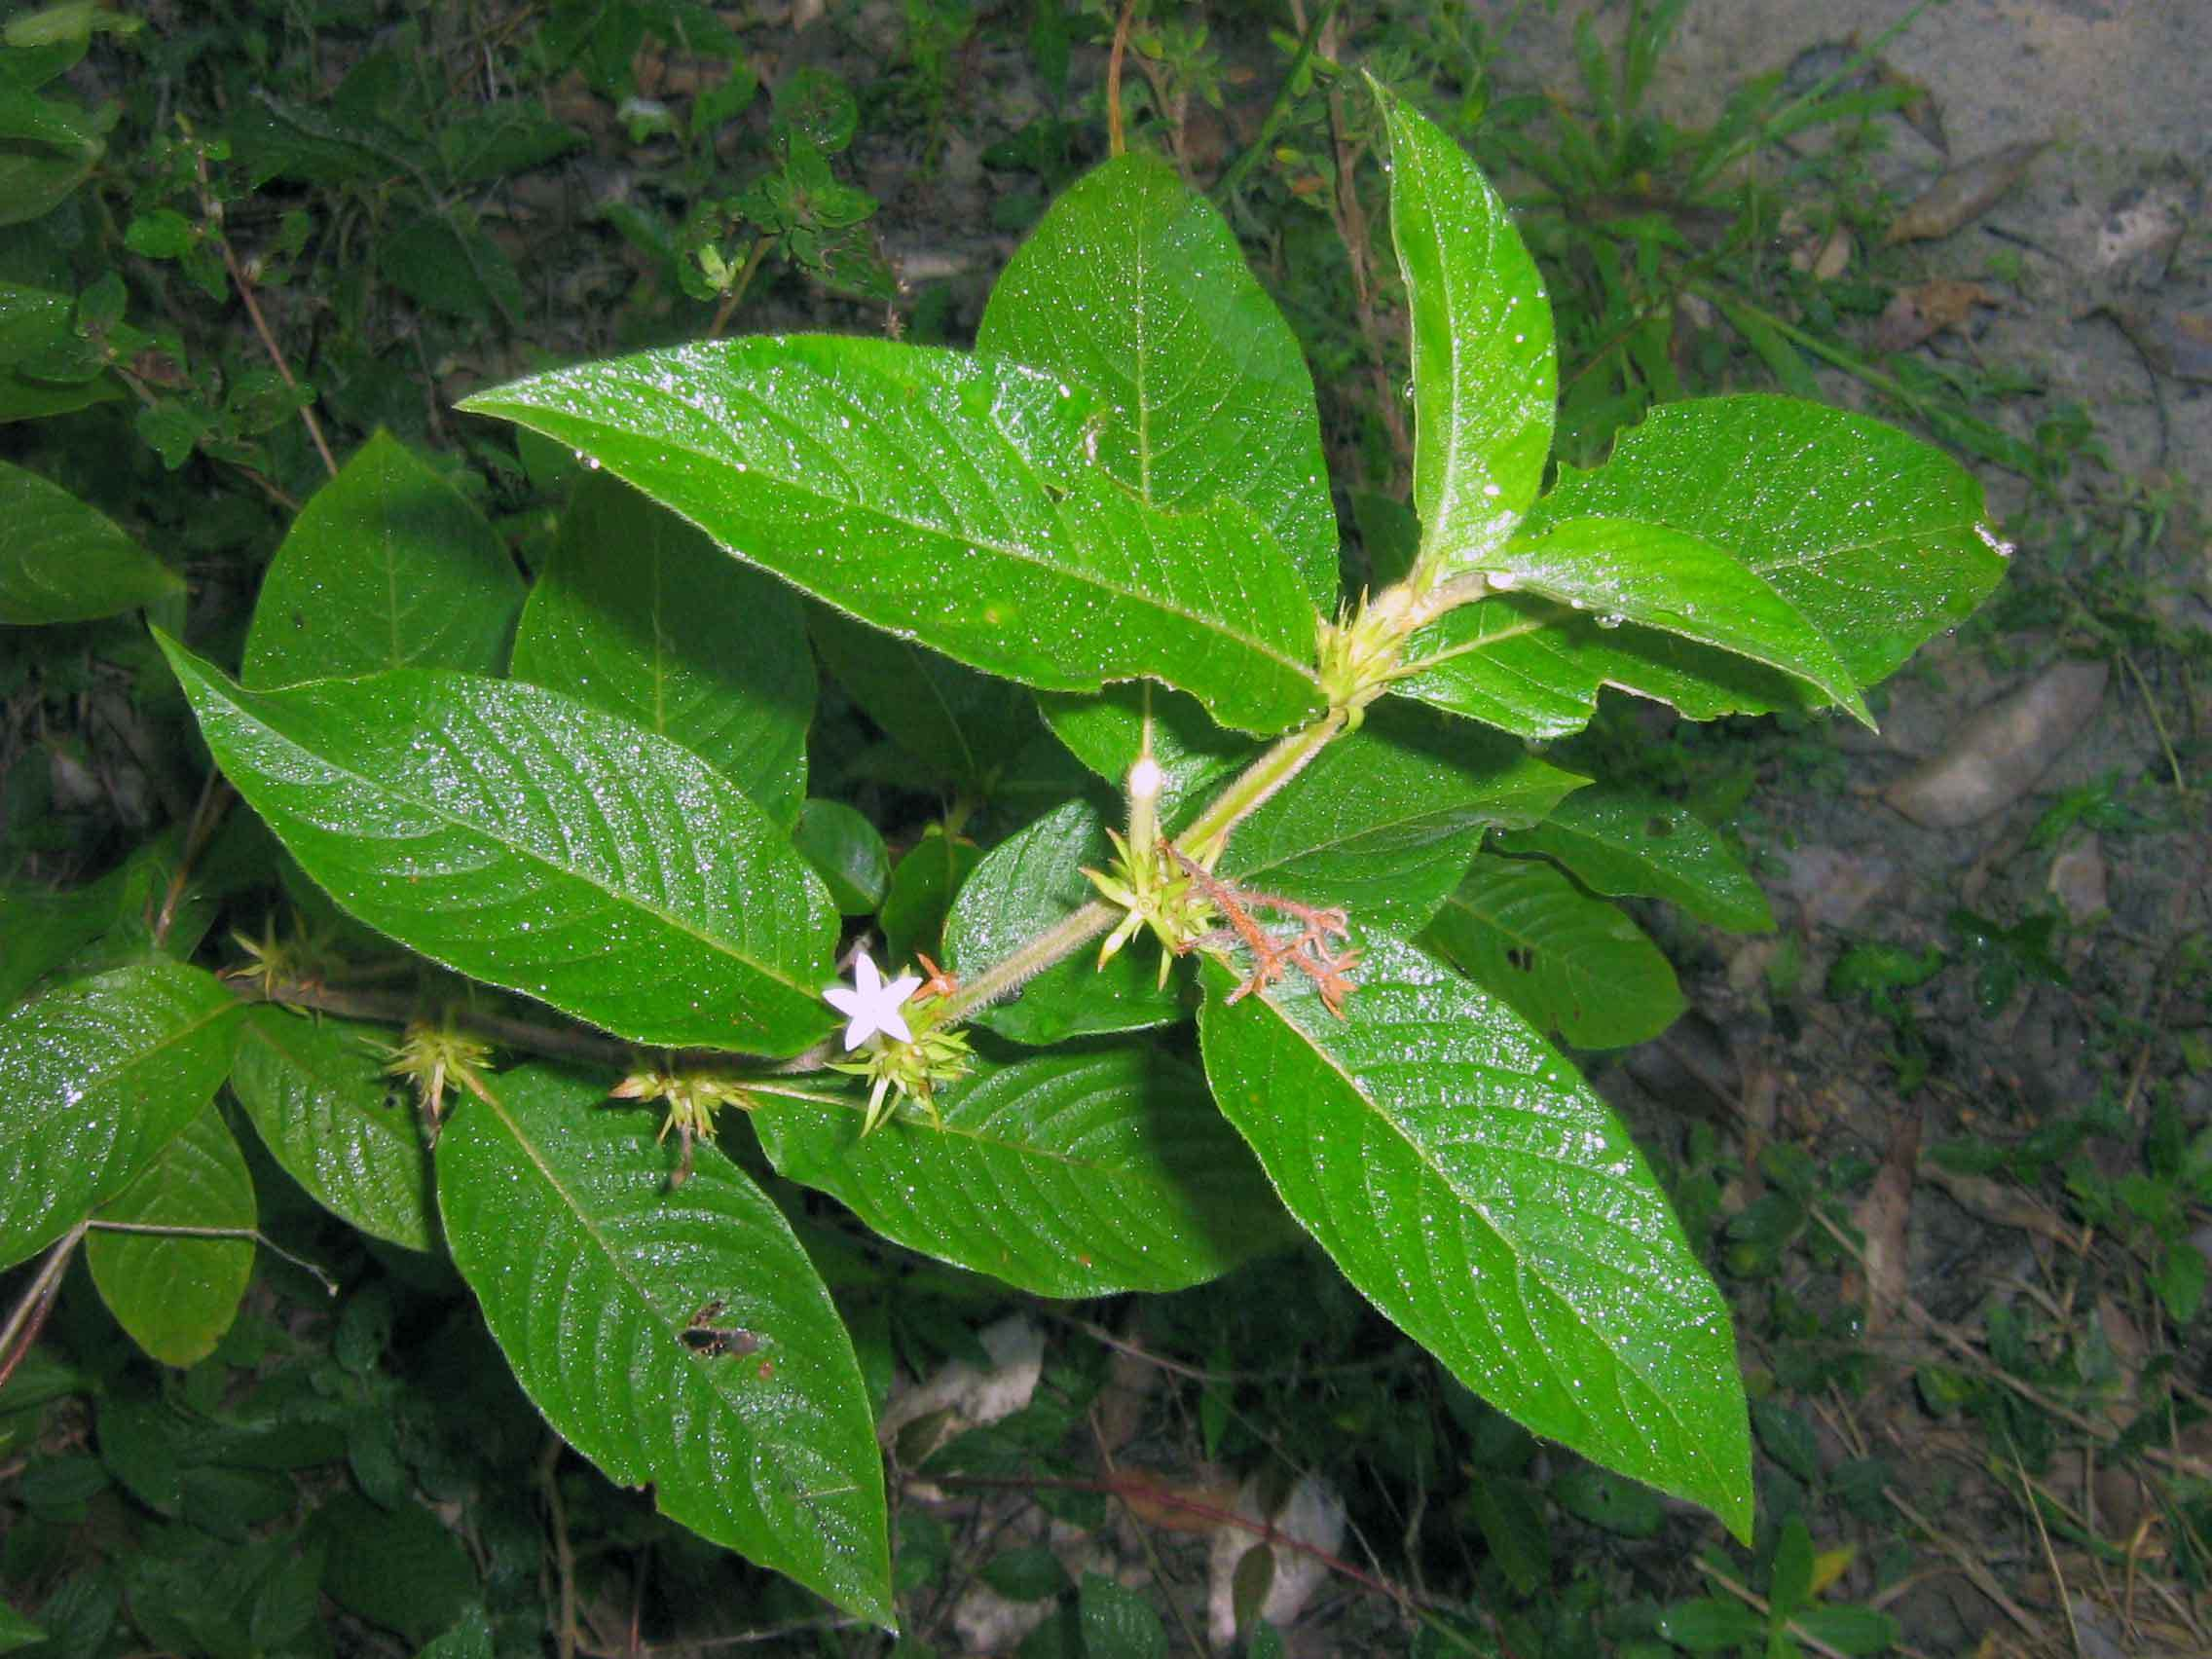 Image of largeflower woodvine